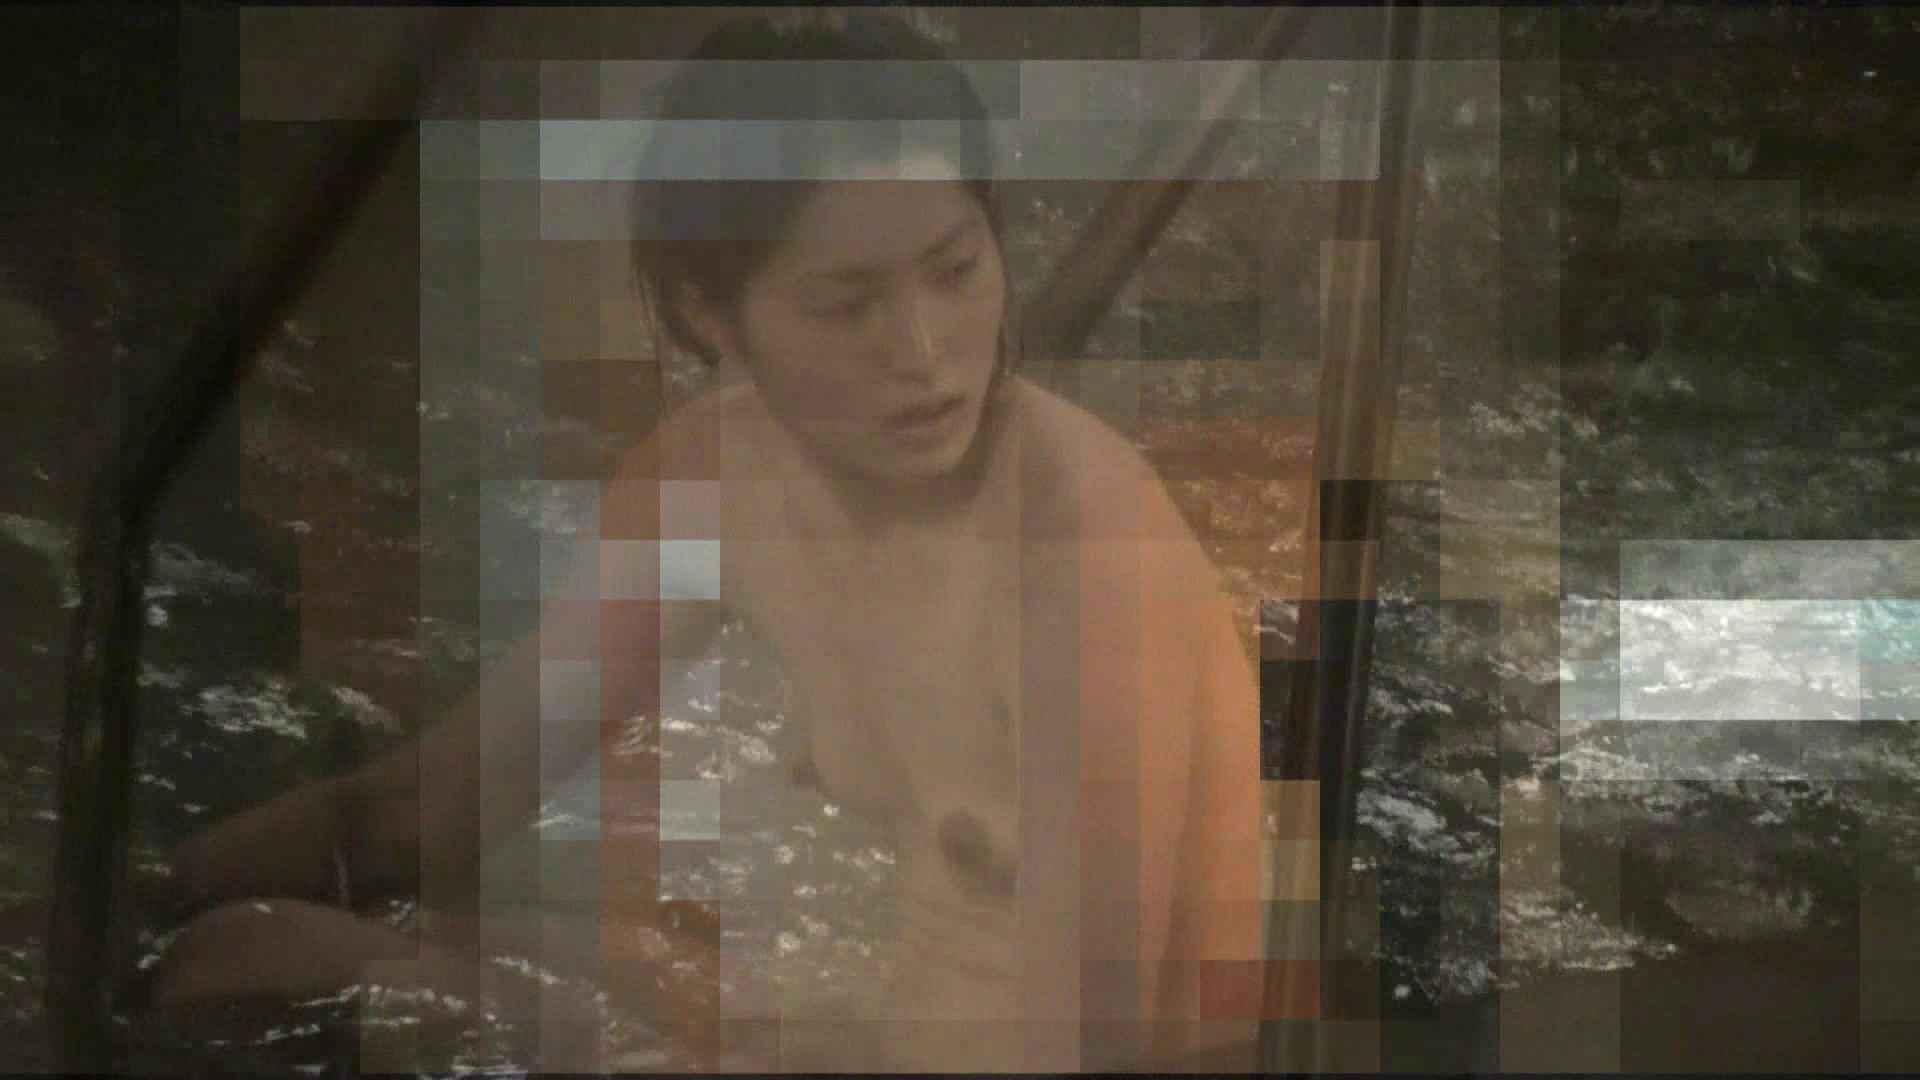 Aquaな露天風呂Vol.406 美しいOLの裸体 | 盗撮師作品  71pic 19